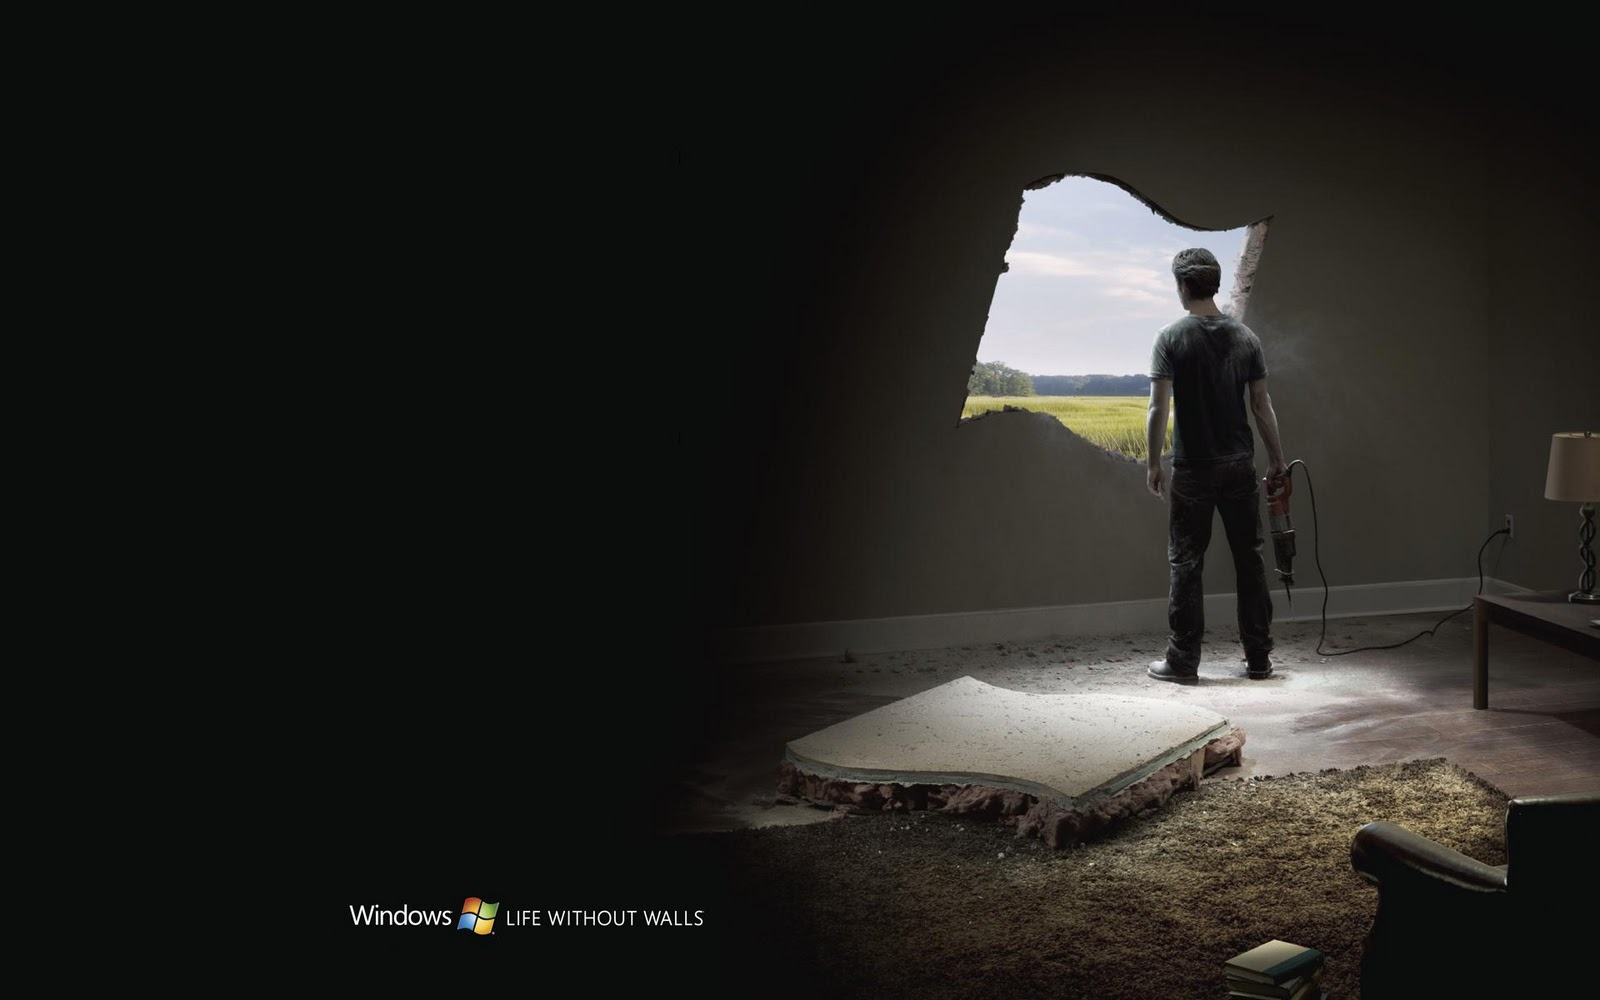 http://4.bp.blogspot.com/-ZtYp5sM4TOM/Tna4lb_Gb0I/AAAAAAAAHnI/zzPTZ8CDjIY/s1600/Windows+7+Lastest+Pc+Background+HD+Wallpapers.jpg